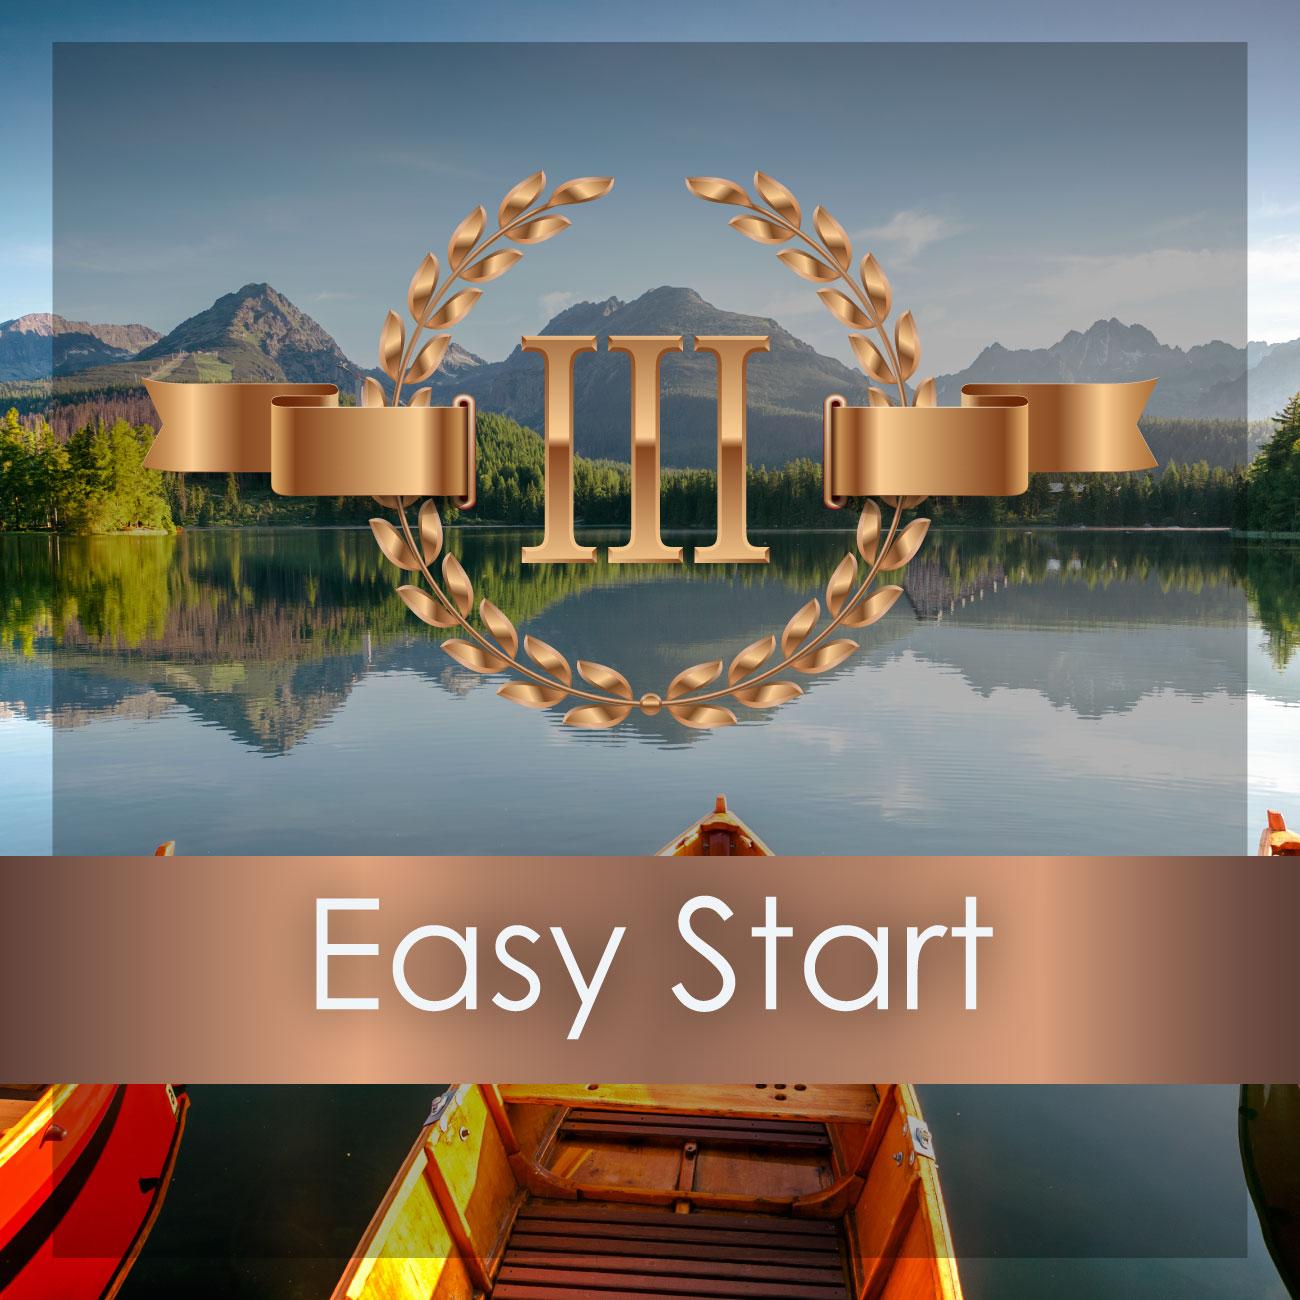 Easy Start Membership